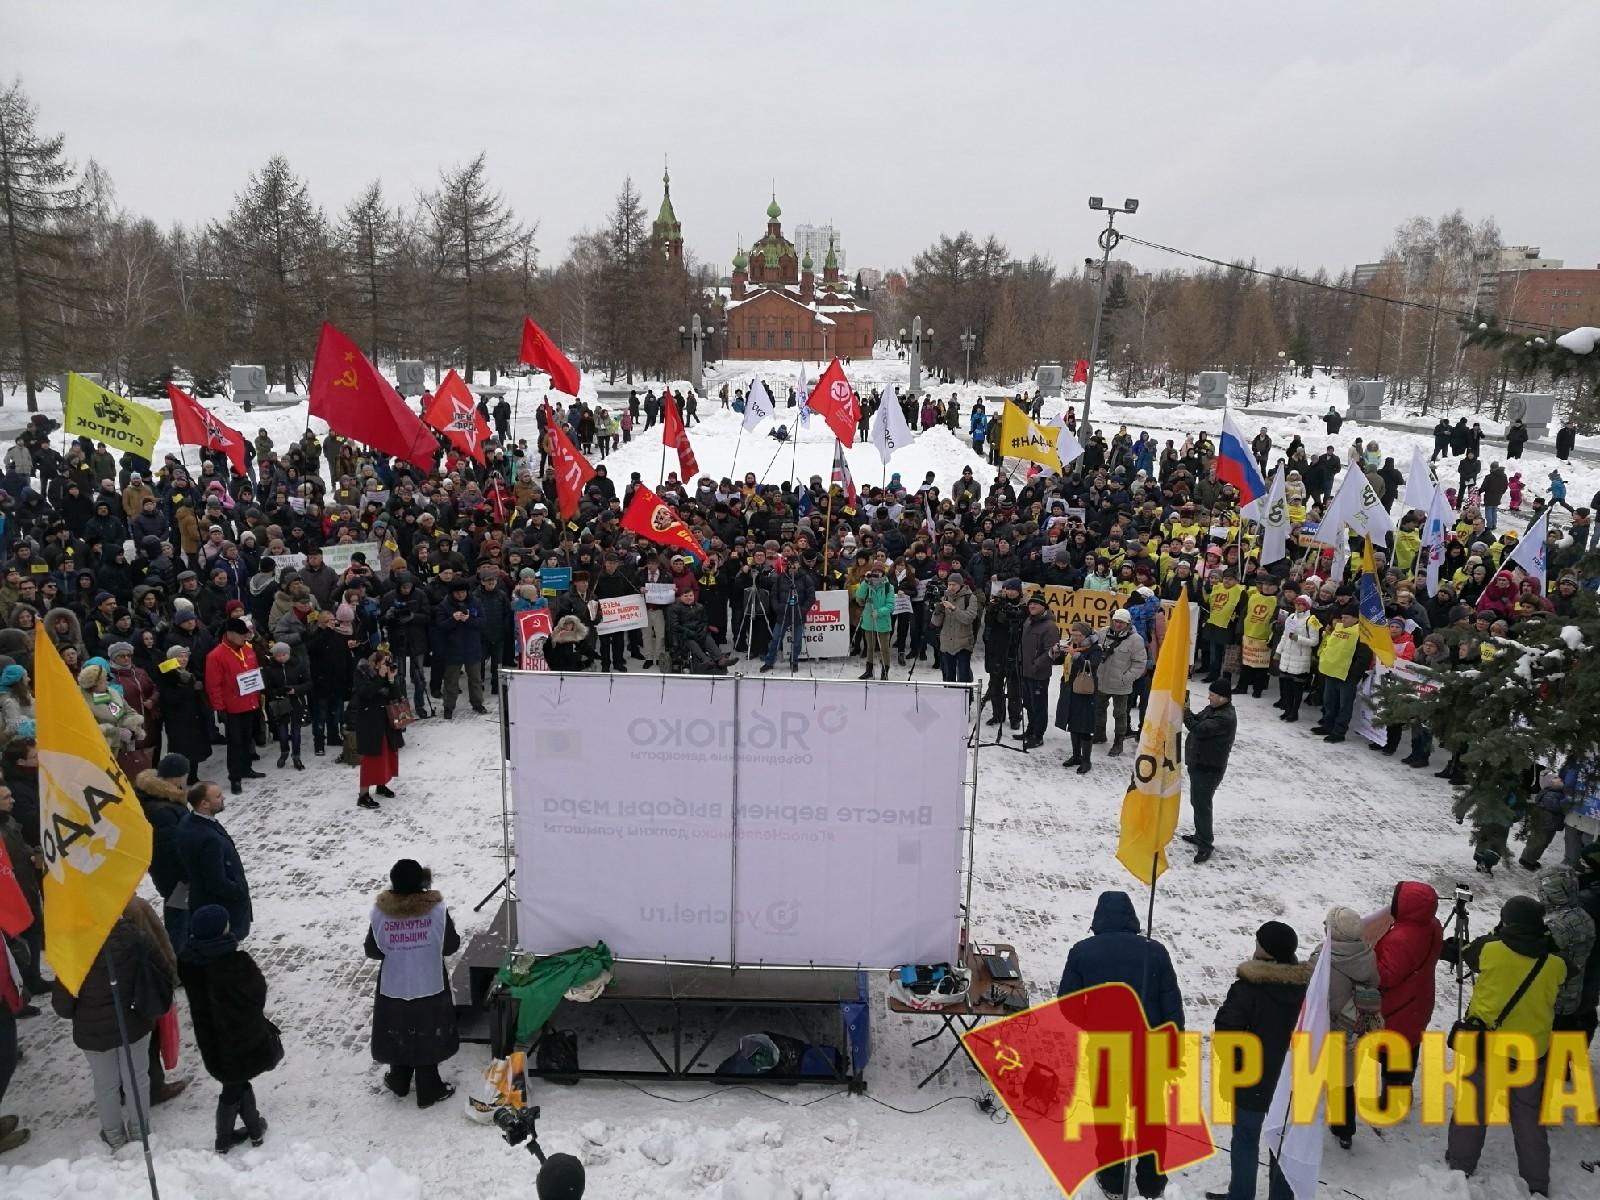 Челябинск: «Верните народу выборы!»